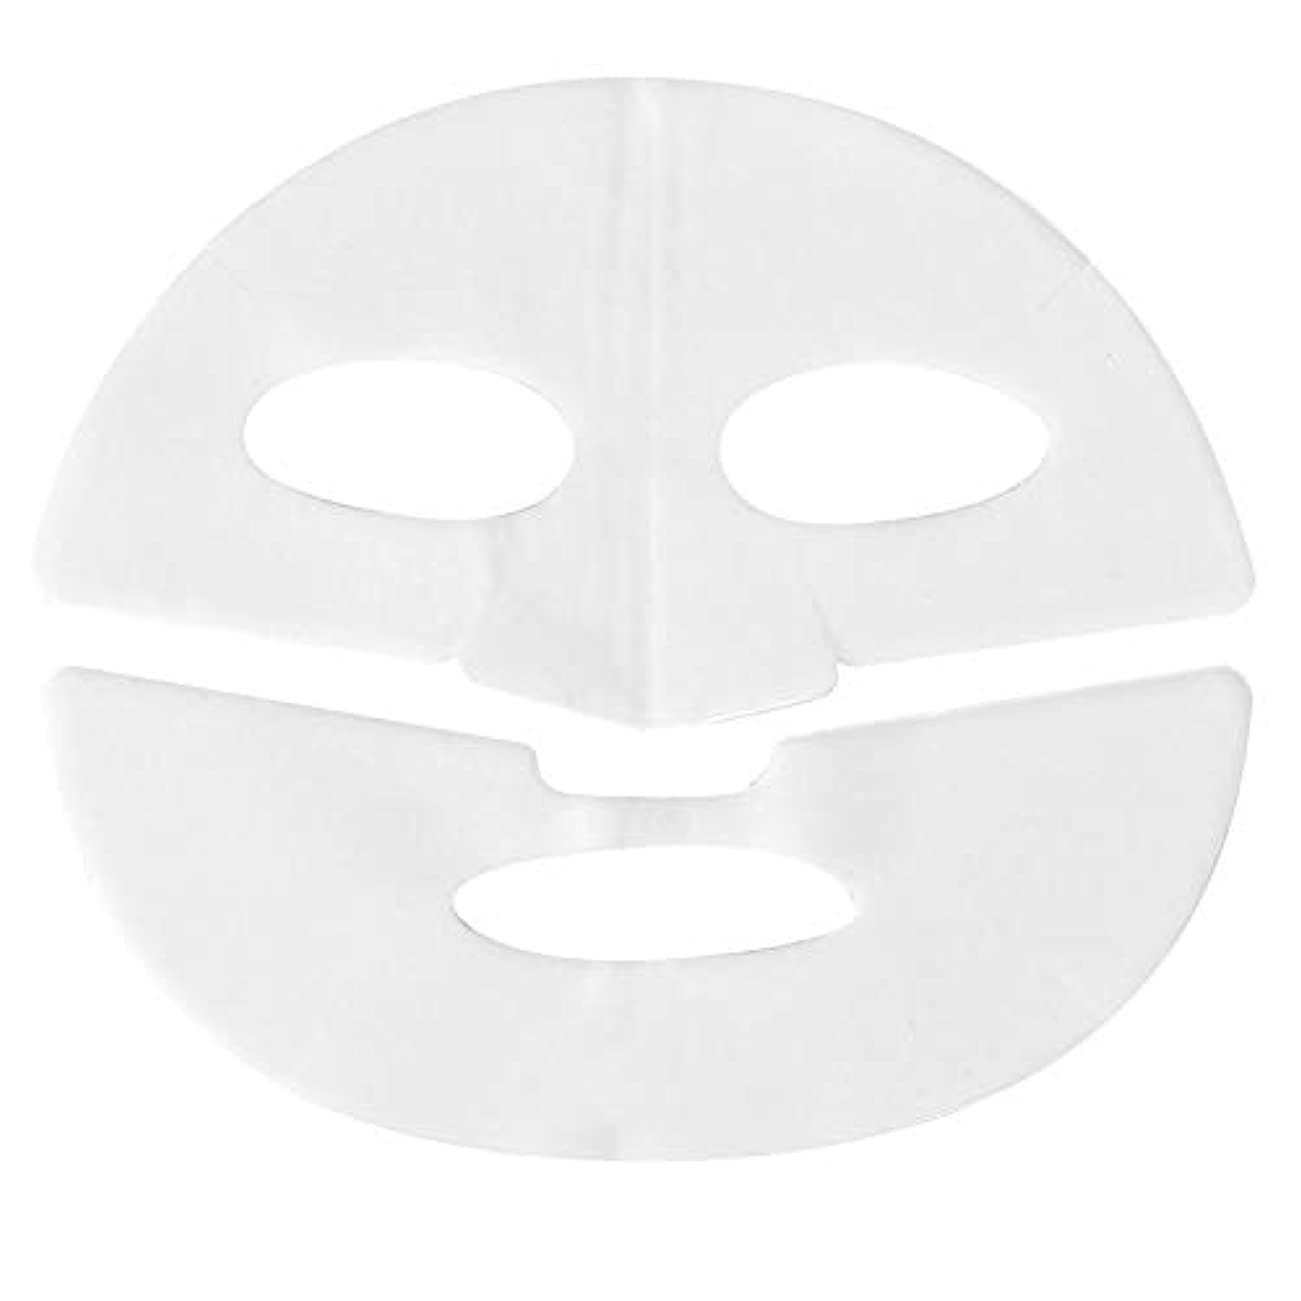 アーサーコナンドイルエジプト南10 PCS痩身マスク - 水分補給用V字型マスク、保湿マスク - 首とあごのリフト、アンチエイジング、しわを軽減